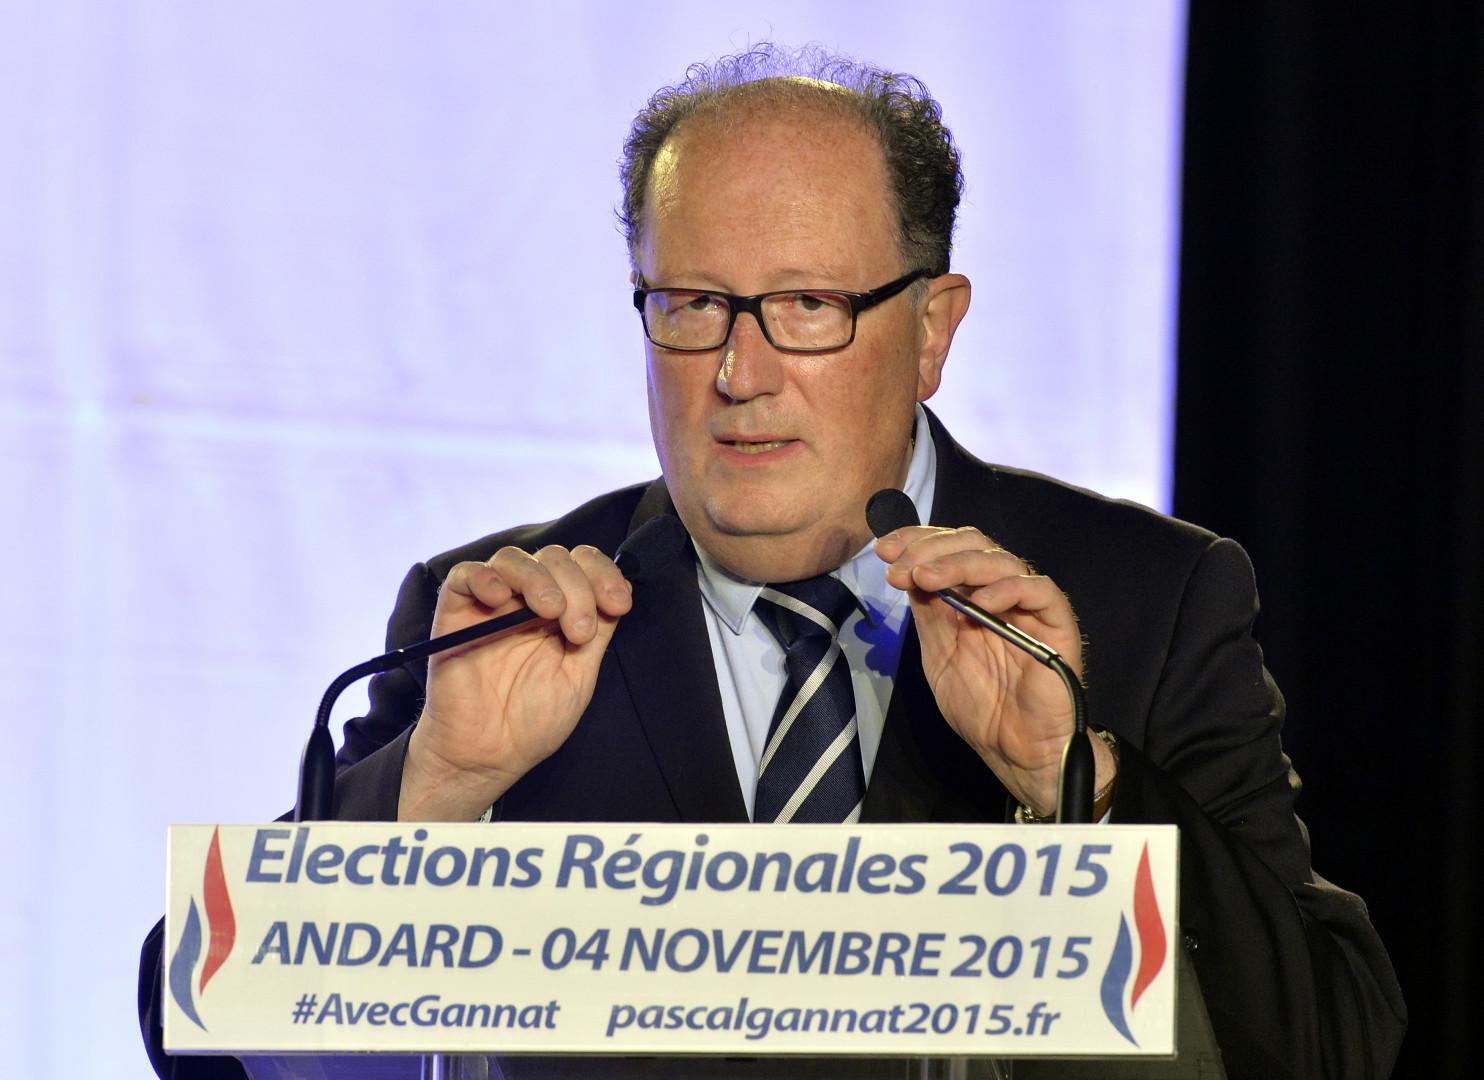 Pascal Gannat est tête de liste FN aux élections régionales 2015 dans les Pays de la Loire.